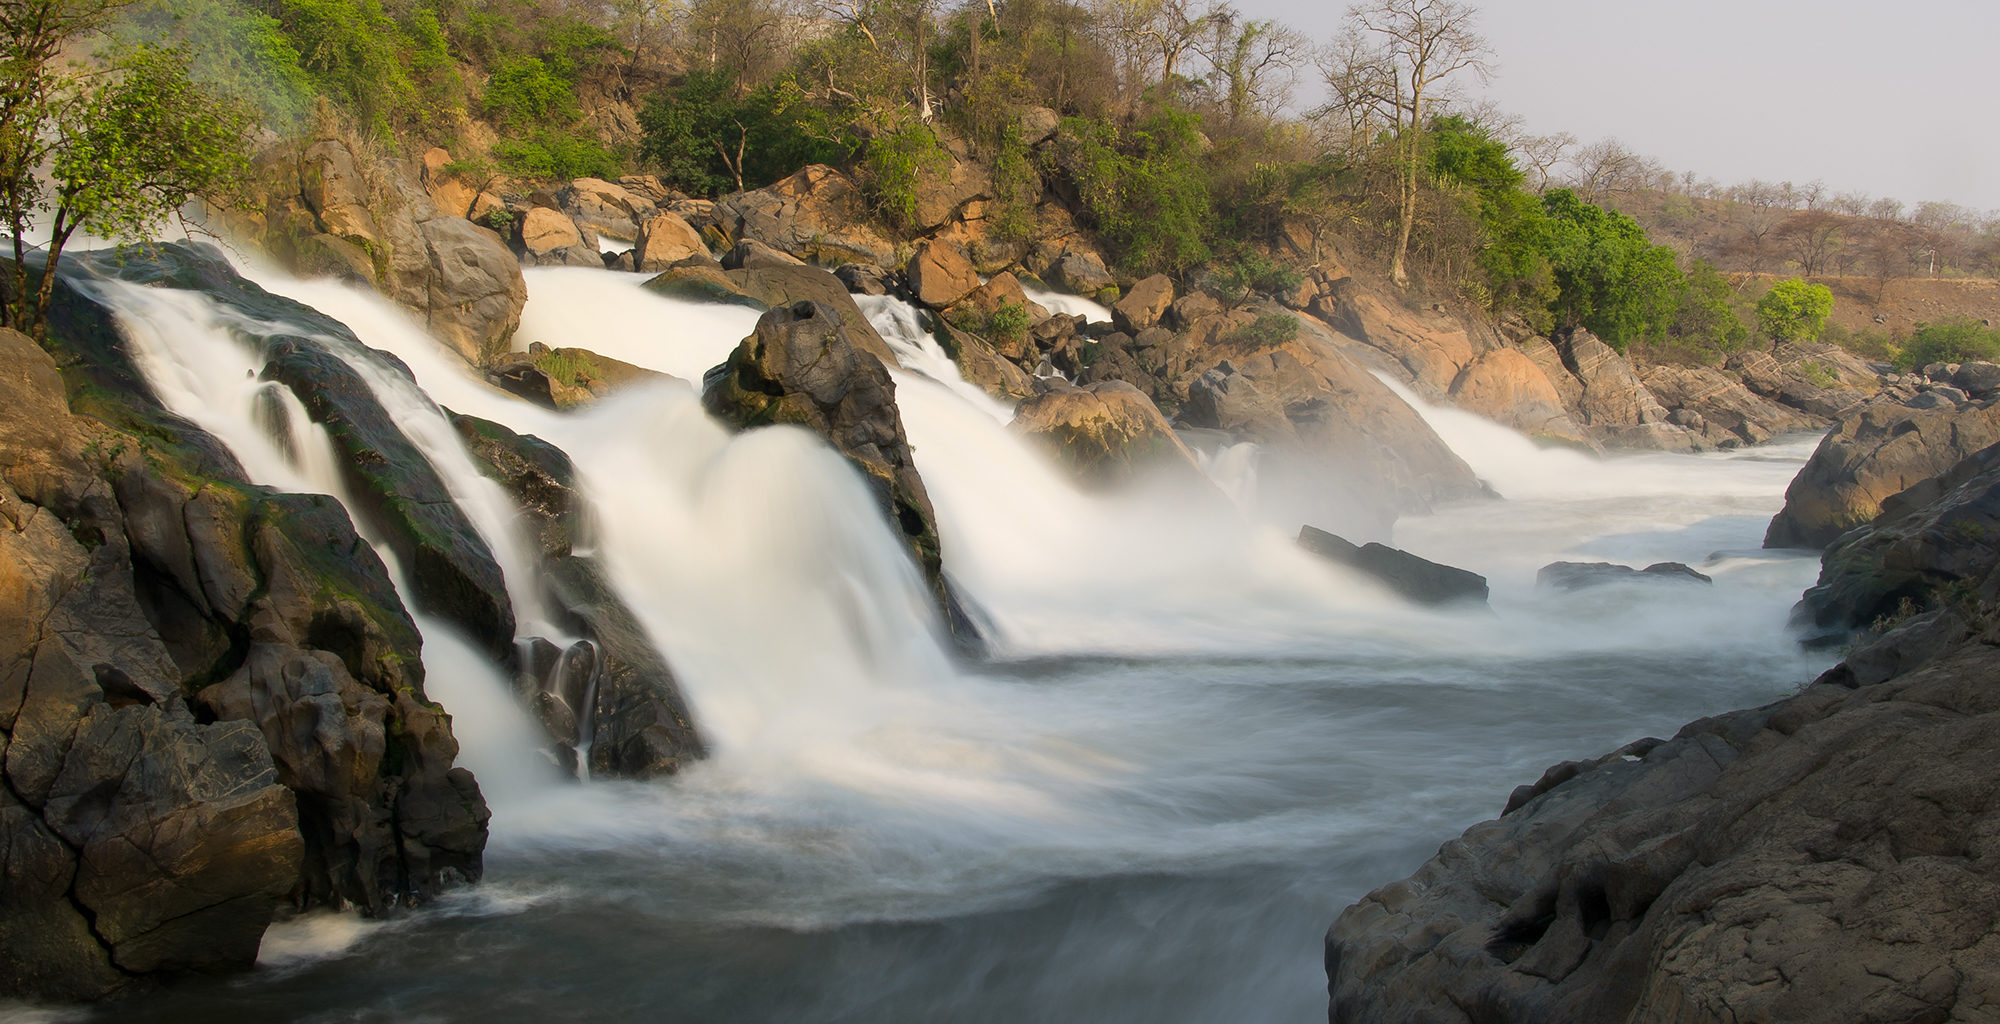 Malawi-Majete-Wildlife-Reserve-Rapids